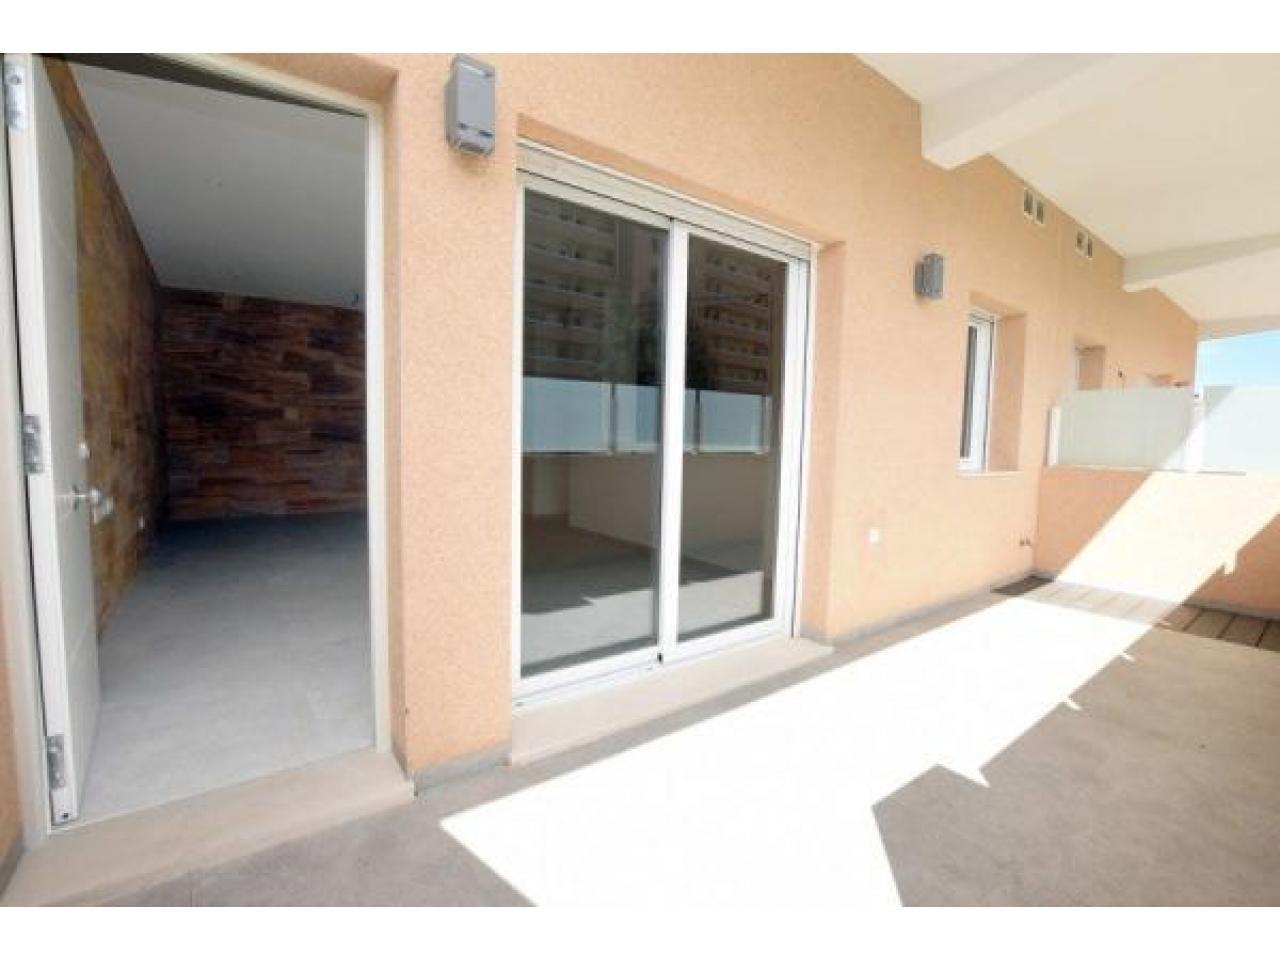 Недвижимость в Испании, Новые квартиры рядом с пляжем от застройщика в Ла Мата,Торревьеха - 5